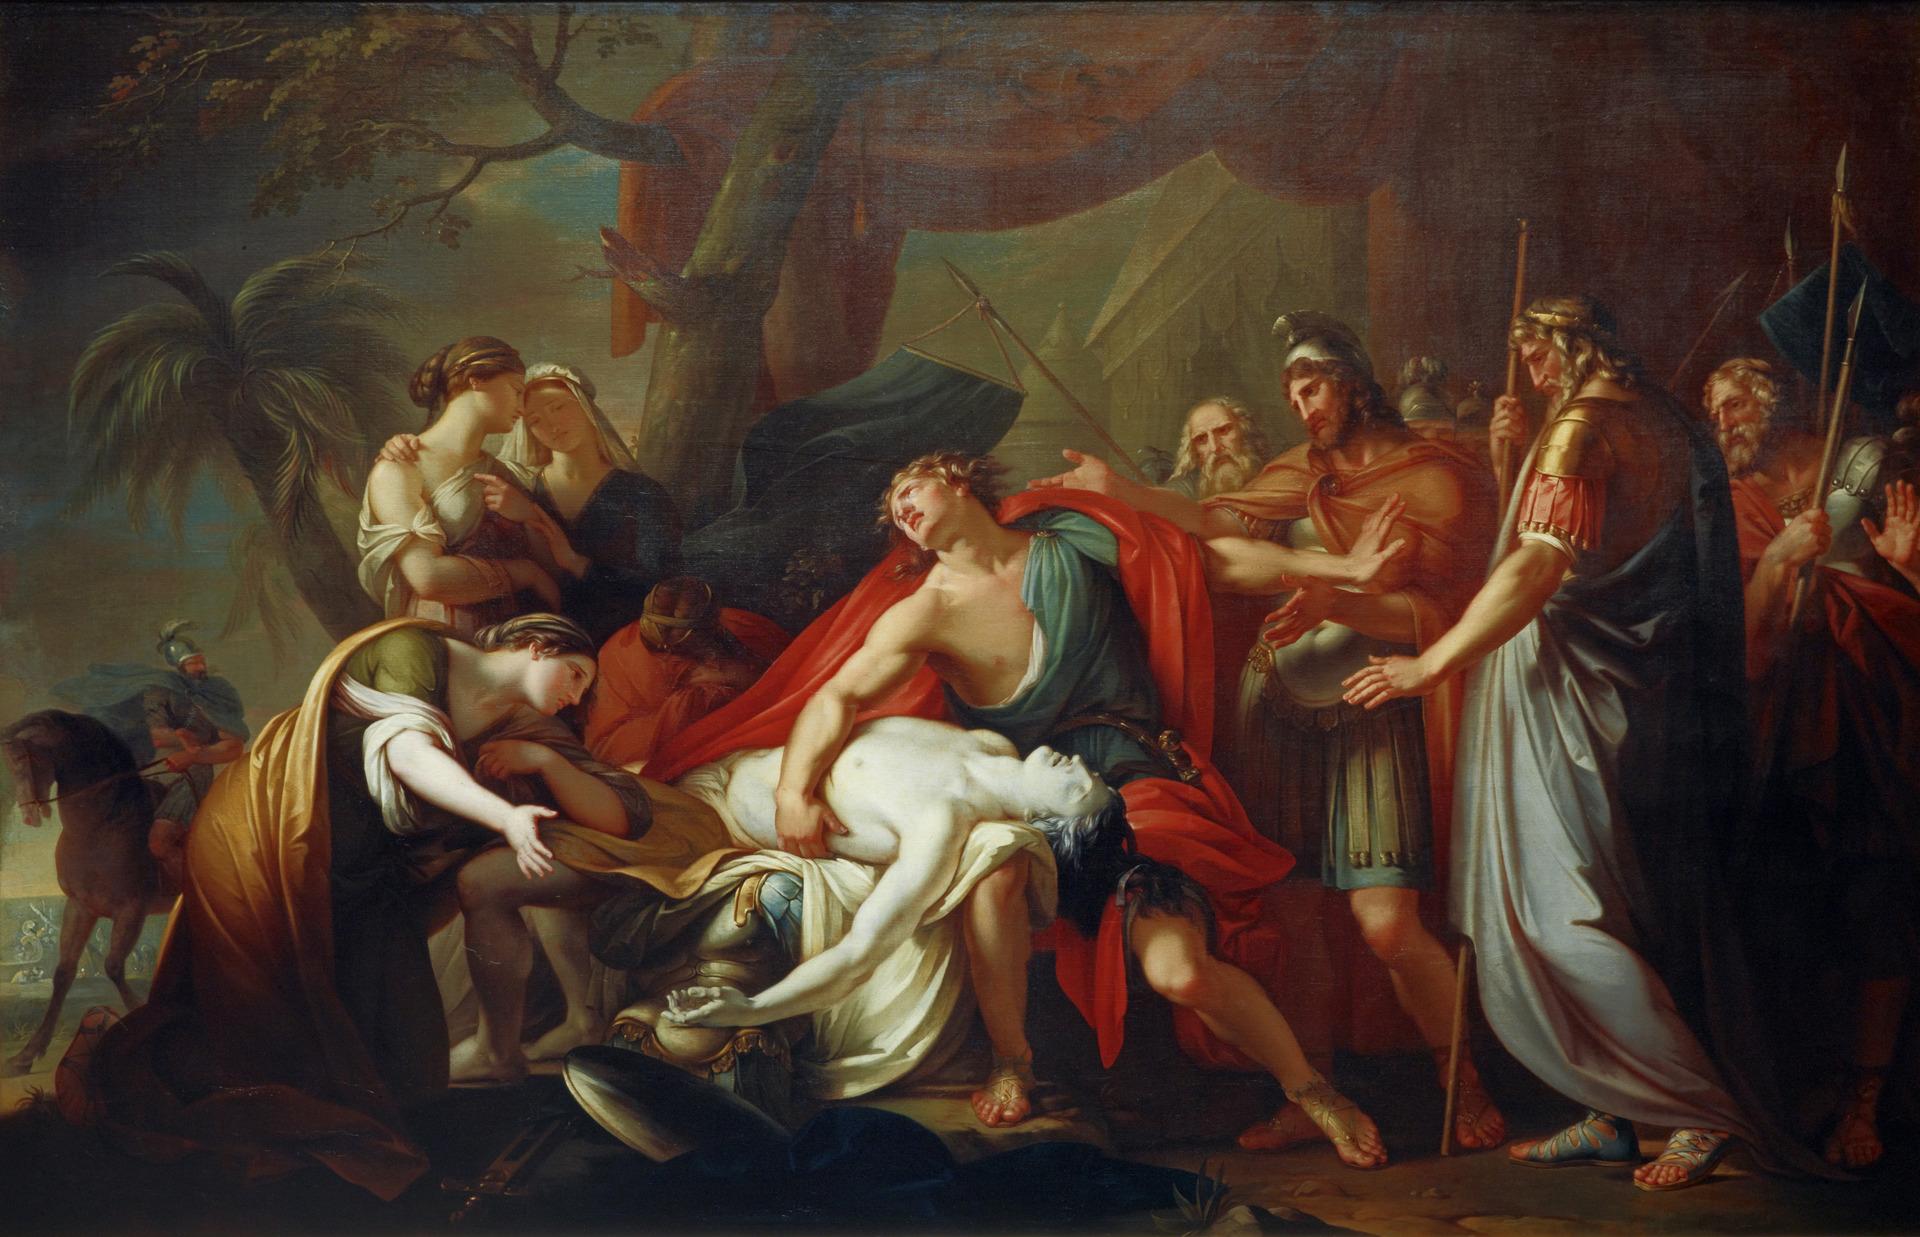 Achilles' psyche